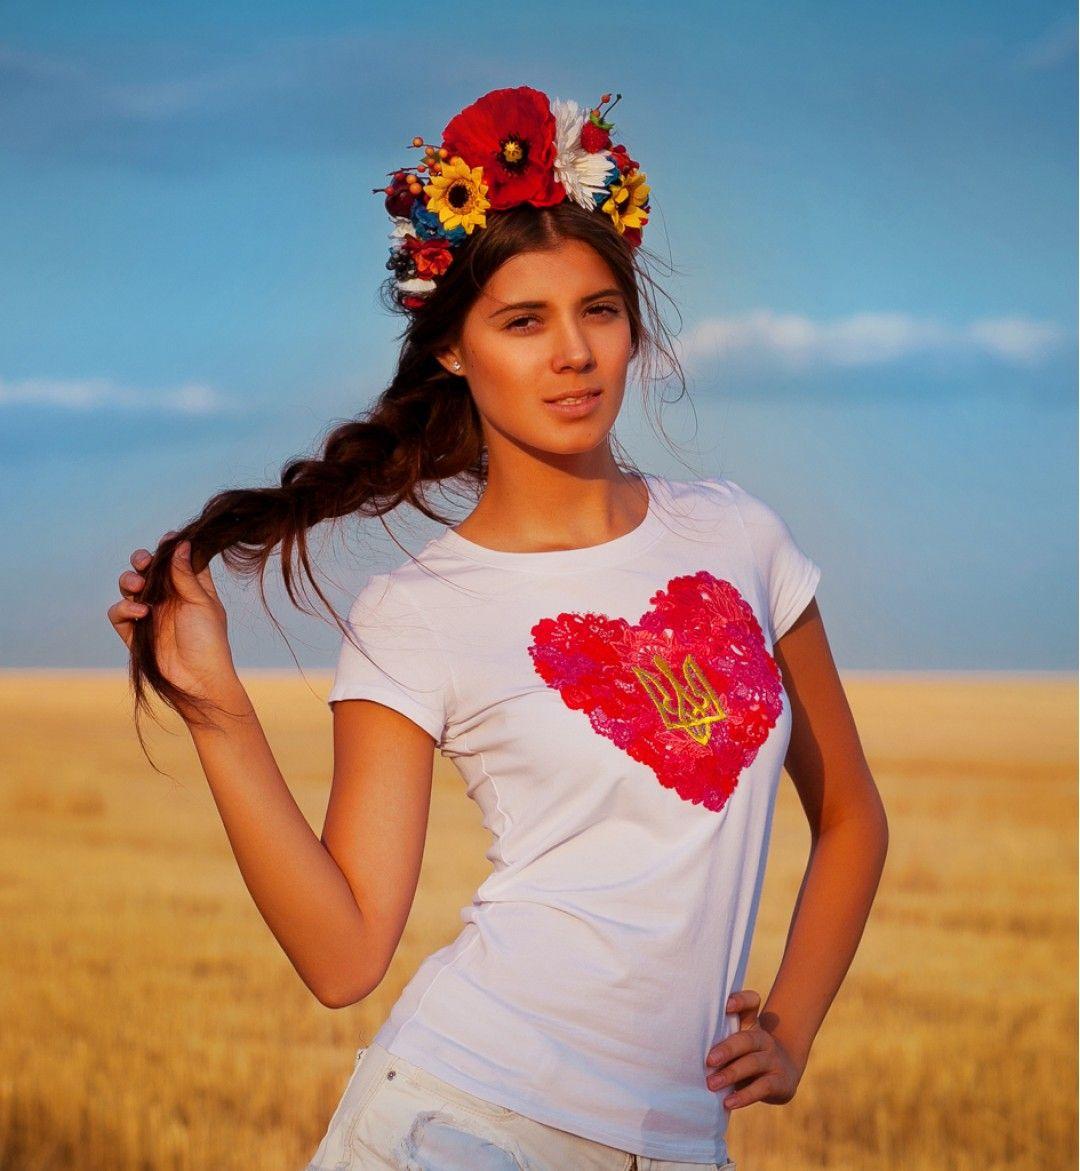 детям украина люблю тебя картинки выборе